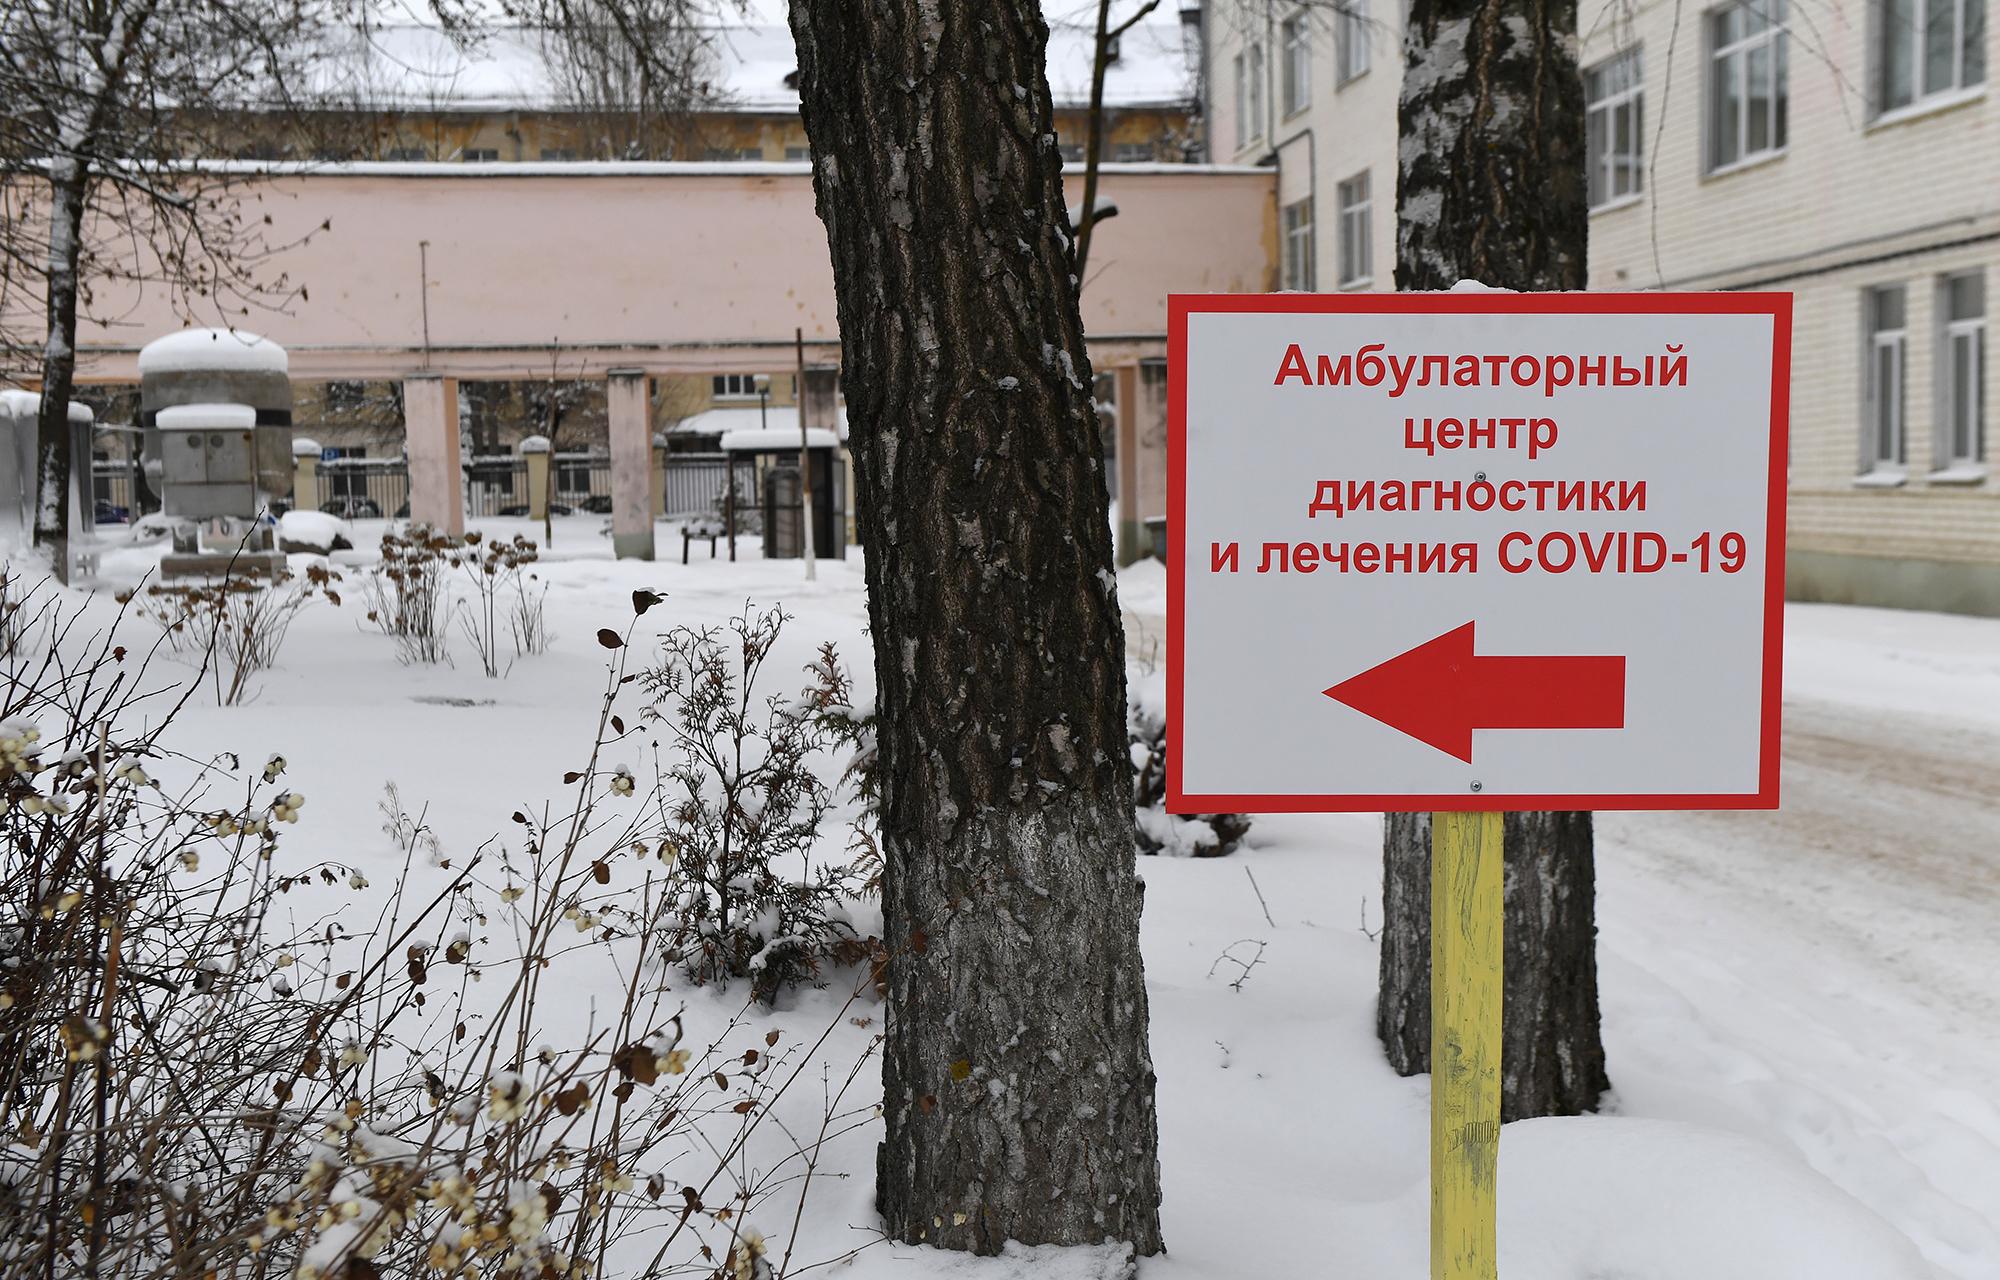 Больше 11 тысяч жителей Тверской области приняли в центрах амбулаторной помощи